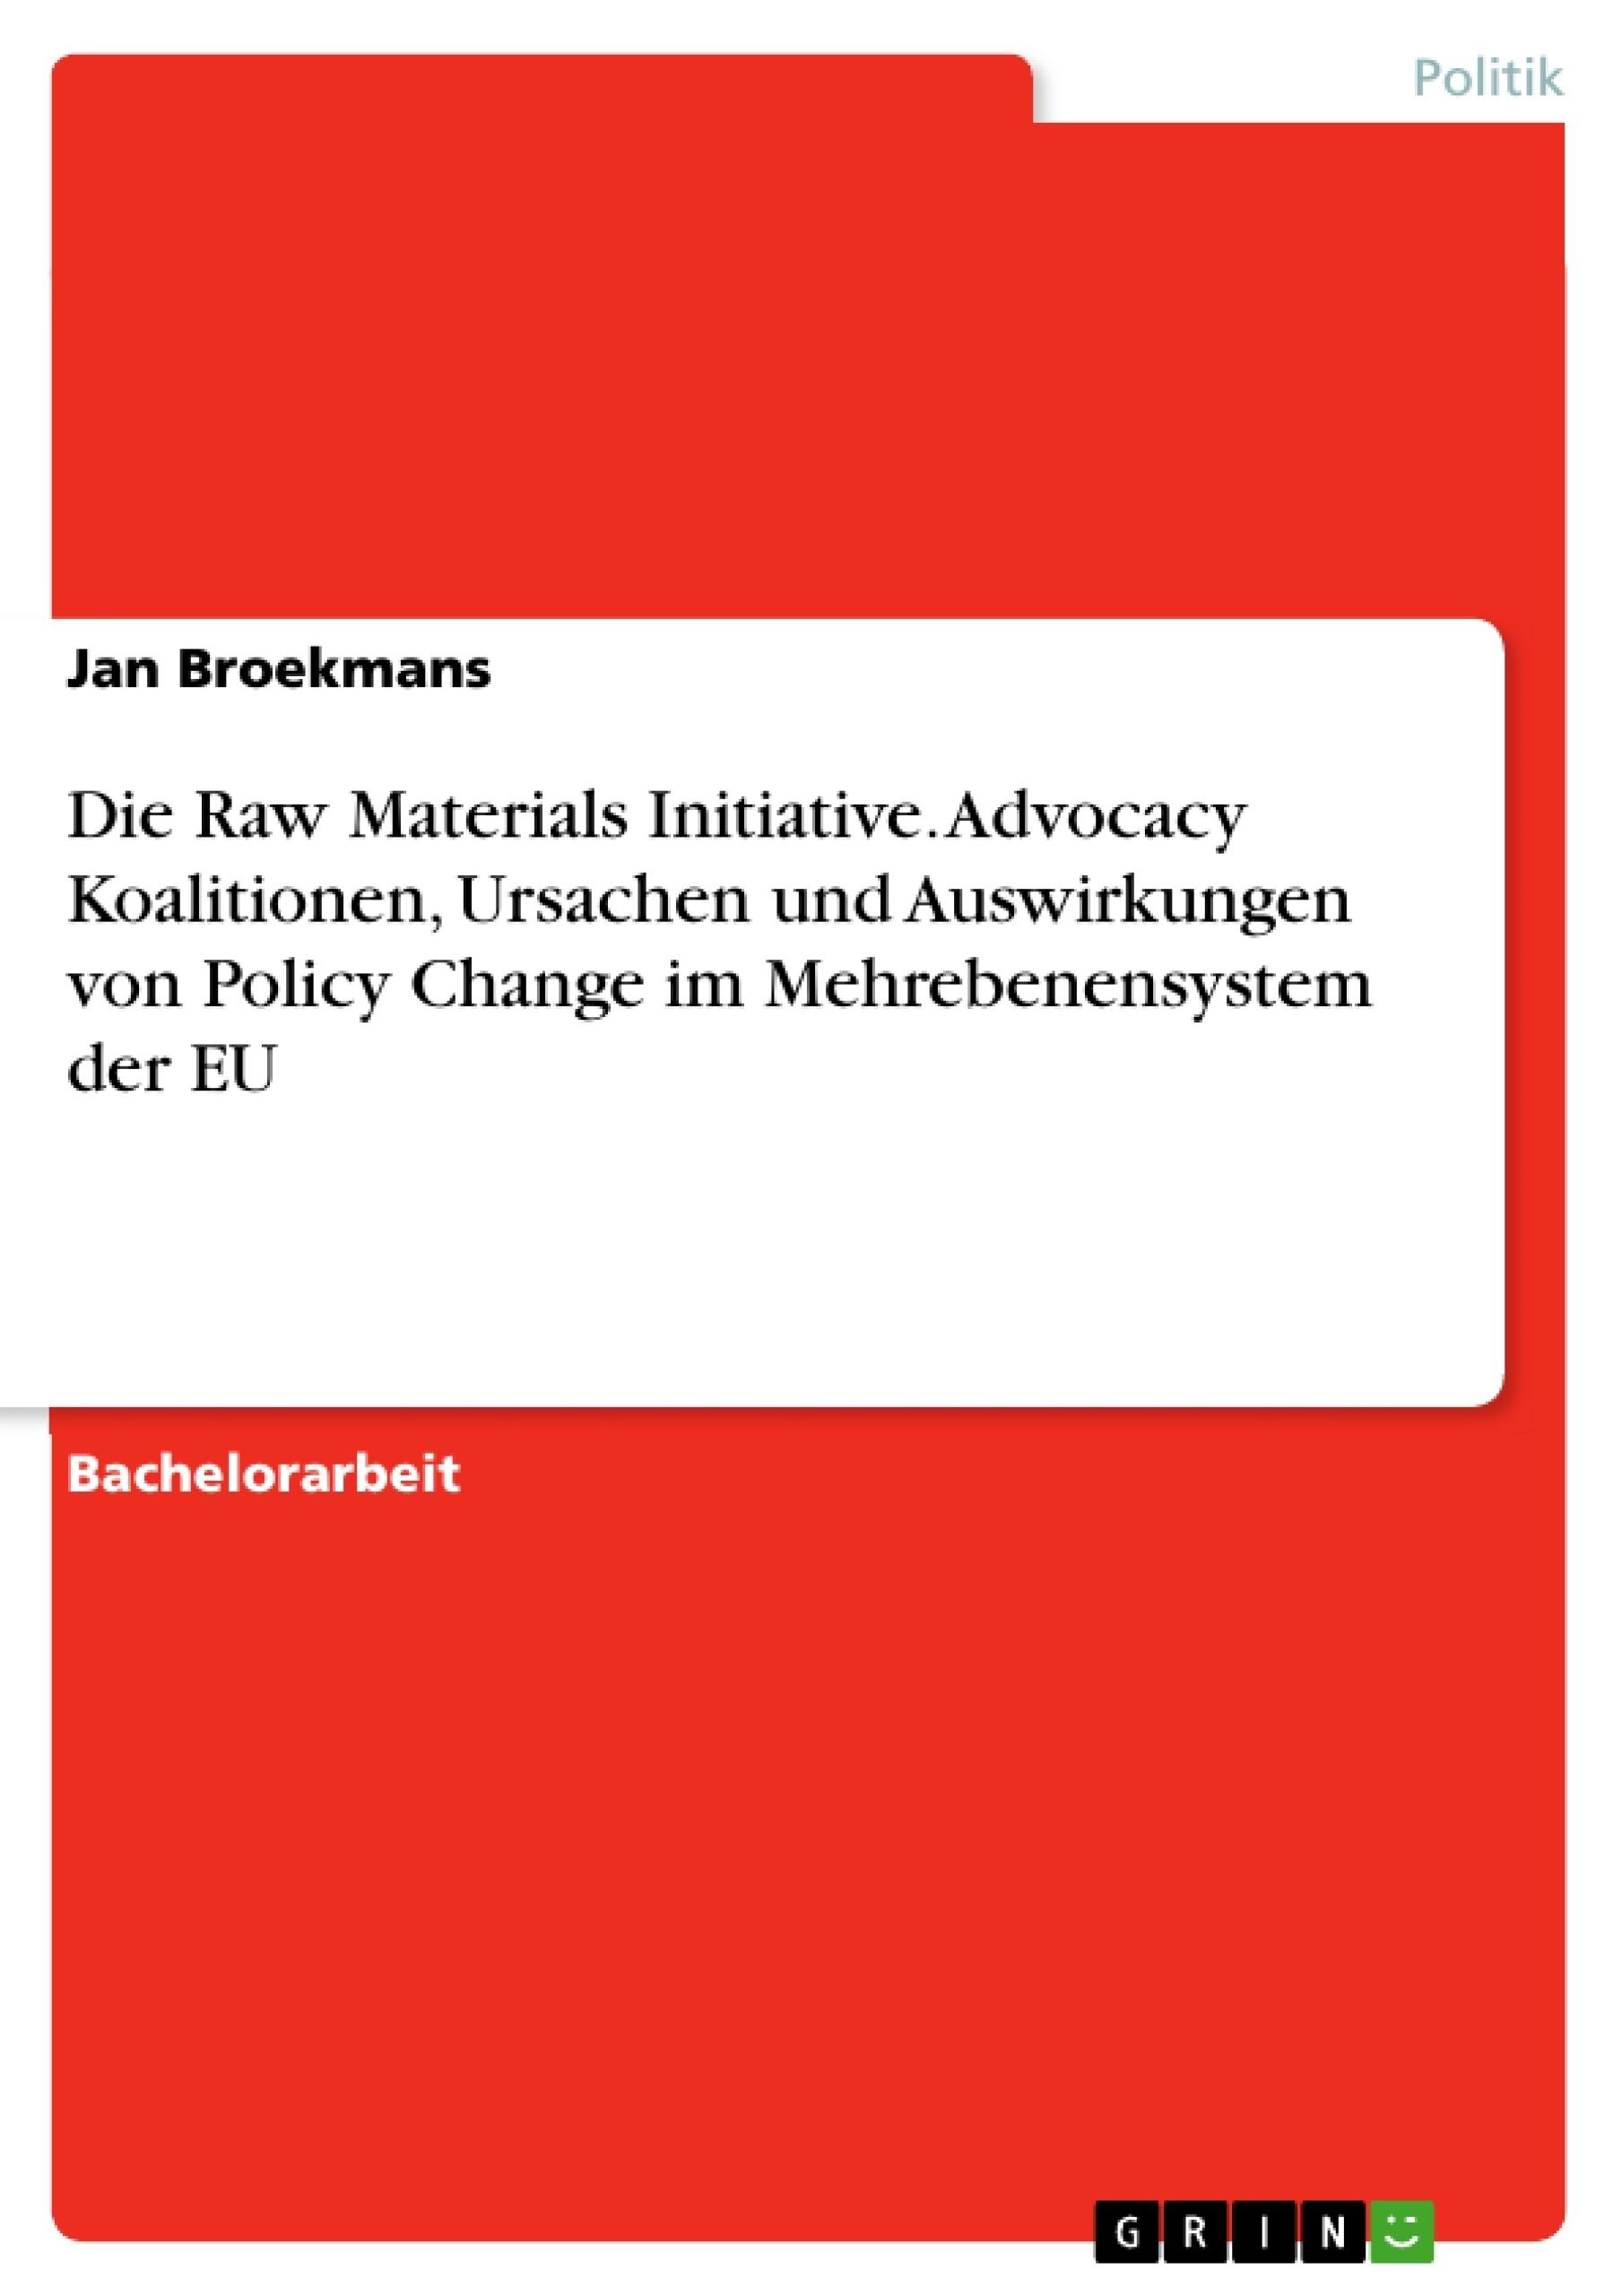 Titel: Die Raw Materials Initiative. Advocacy Koalitionen, Ursachen und Auswirkungen von Policy Change im Mehrebenensystem der EU